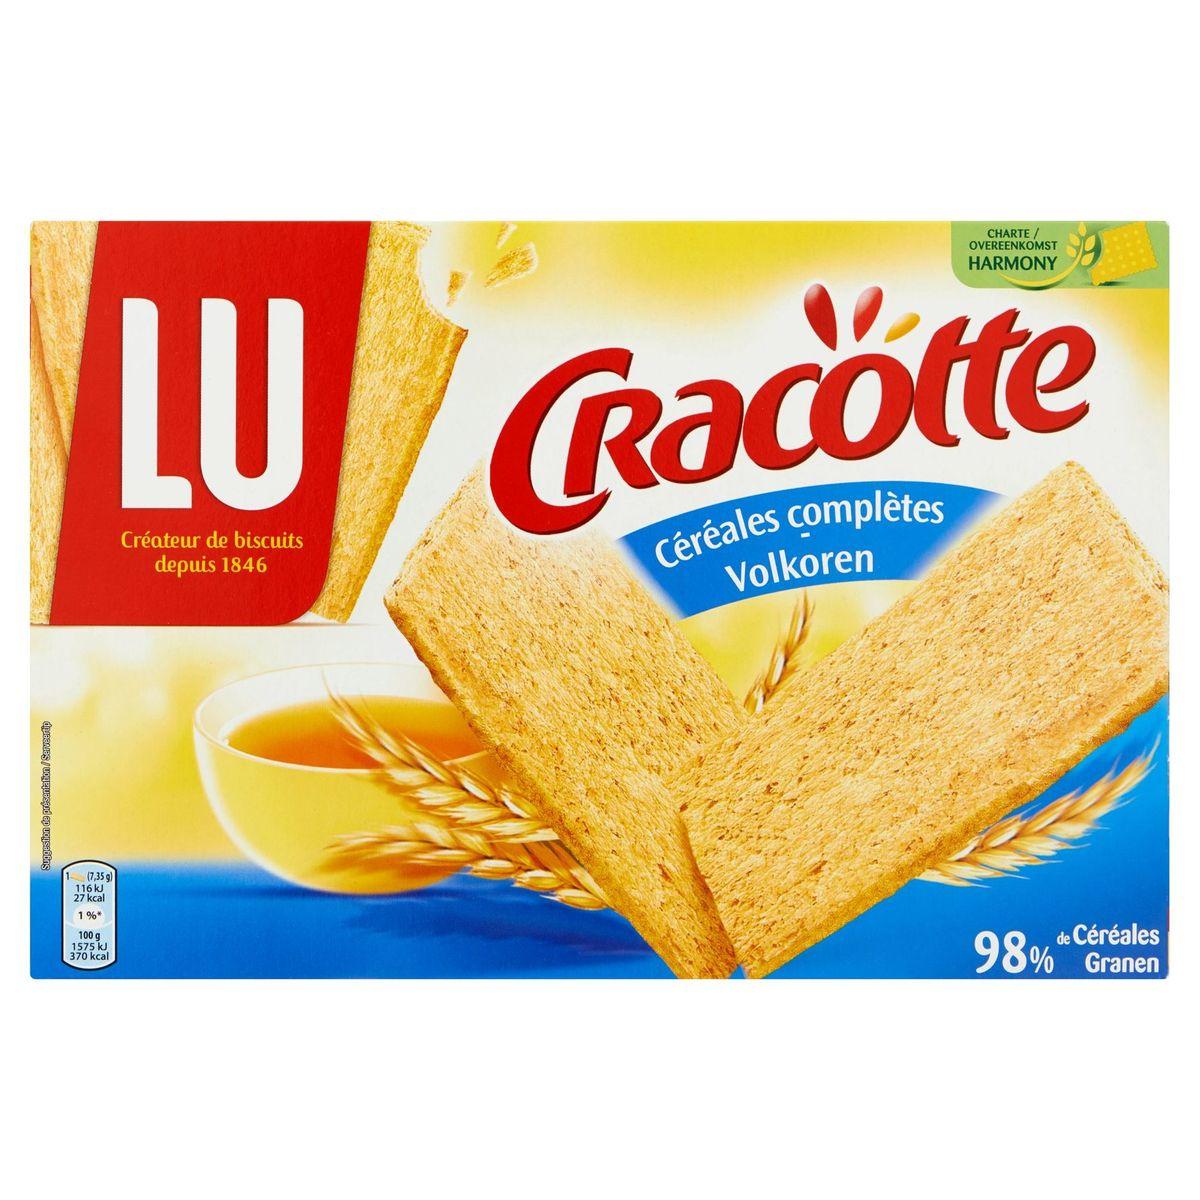 LU Cracotte Céréale Complète 250 g